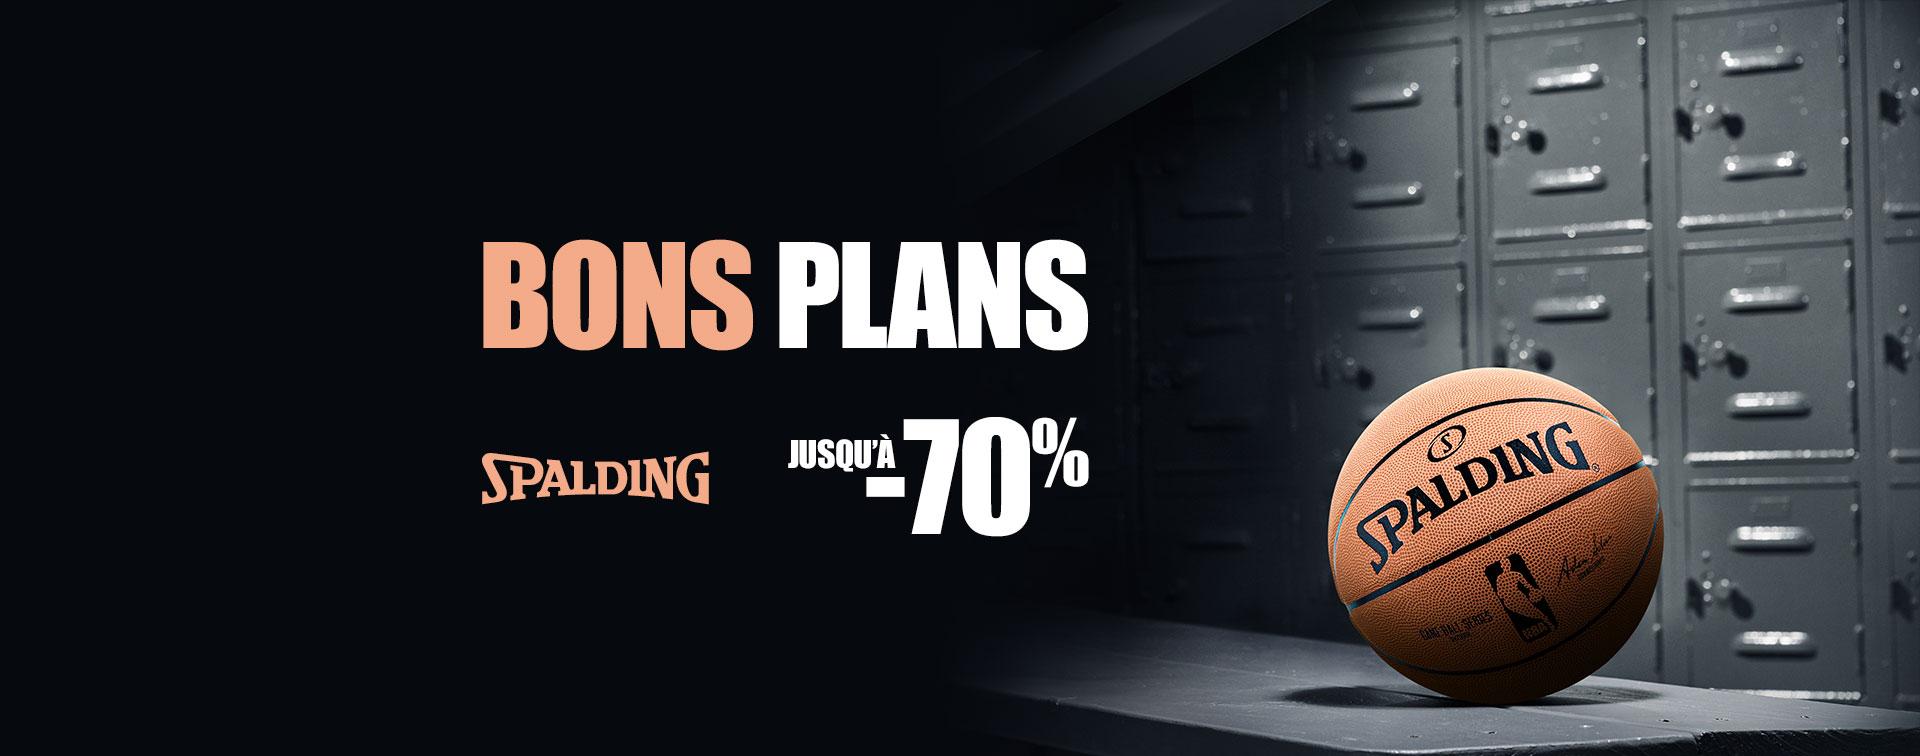 Bons plans Spalding